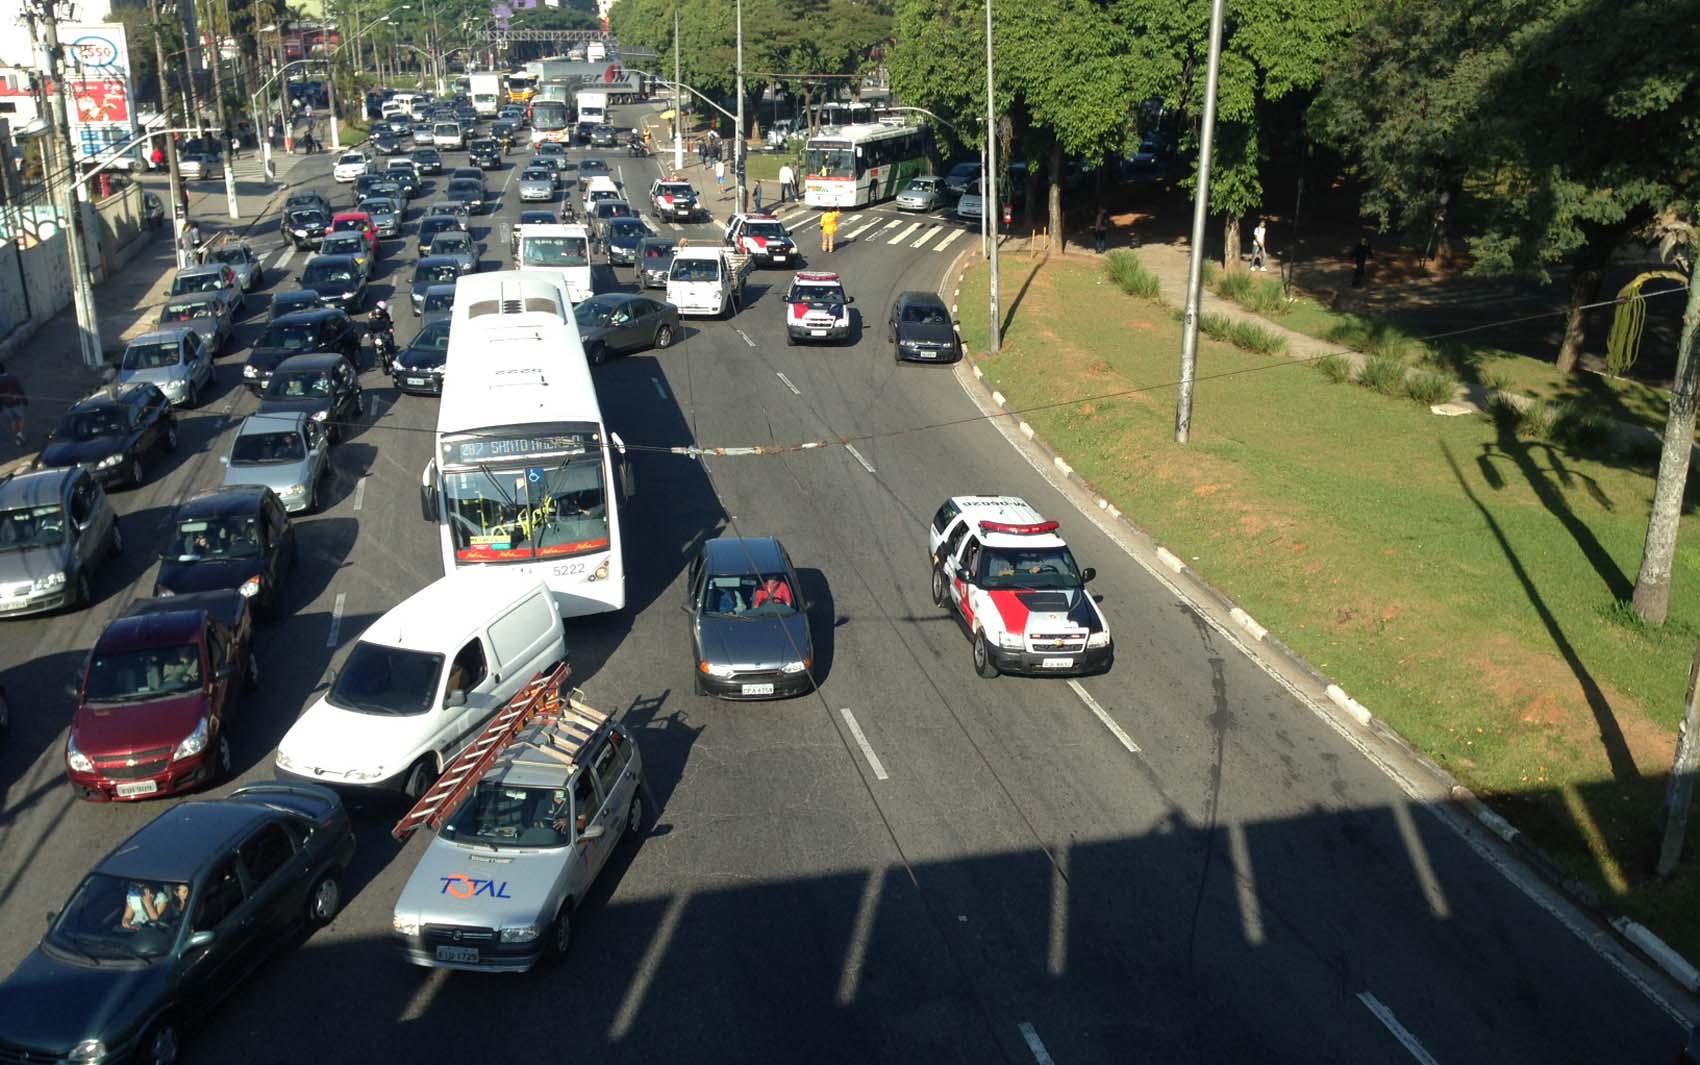 : Trânsito no entorno do Paço Municipal de São Bernardo do Campo  #896D42 1700x1065